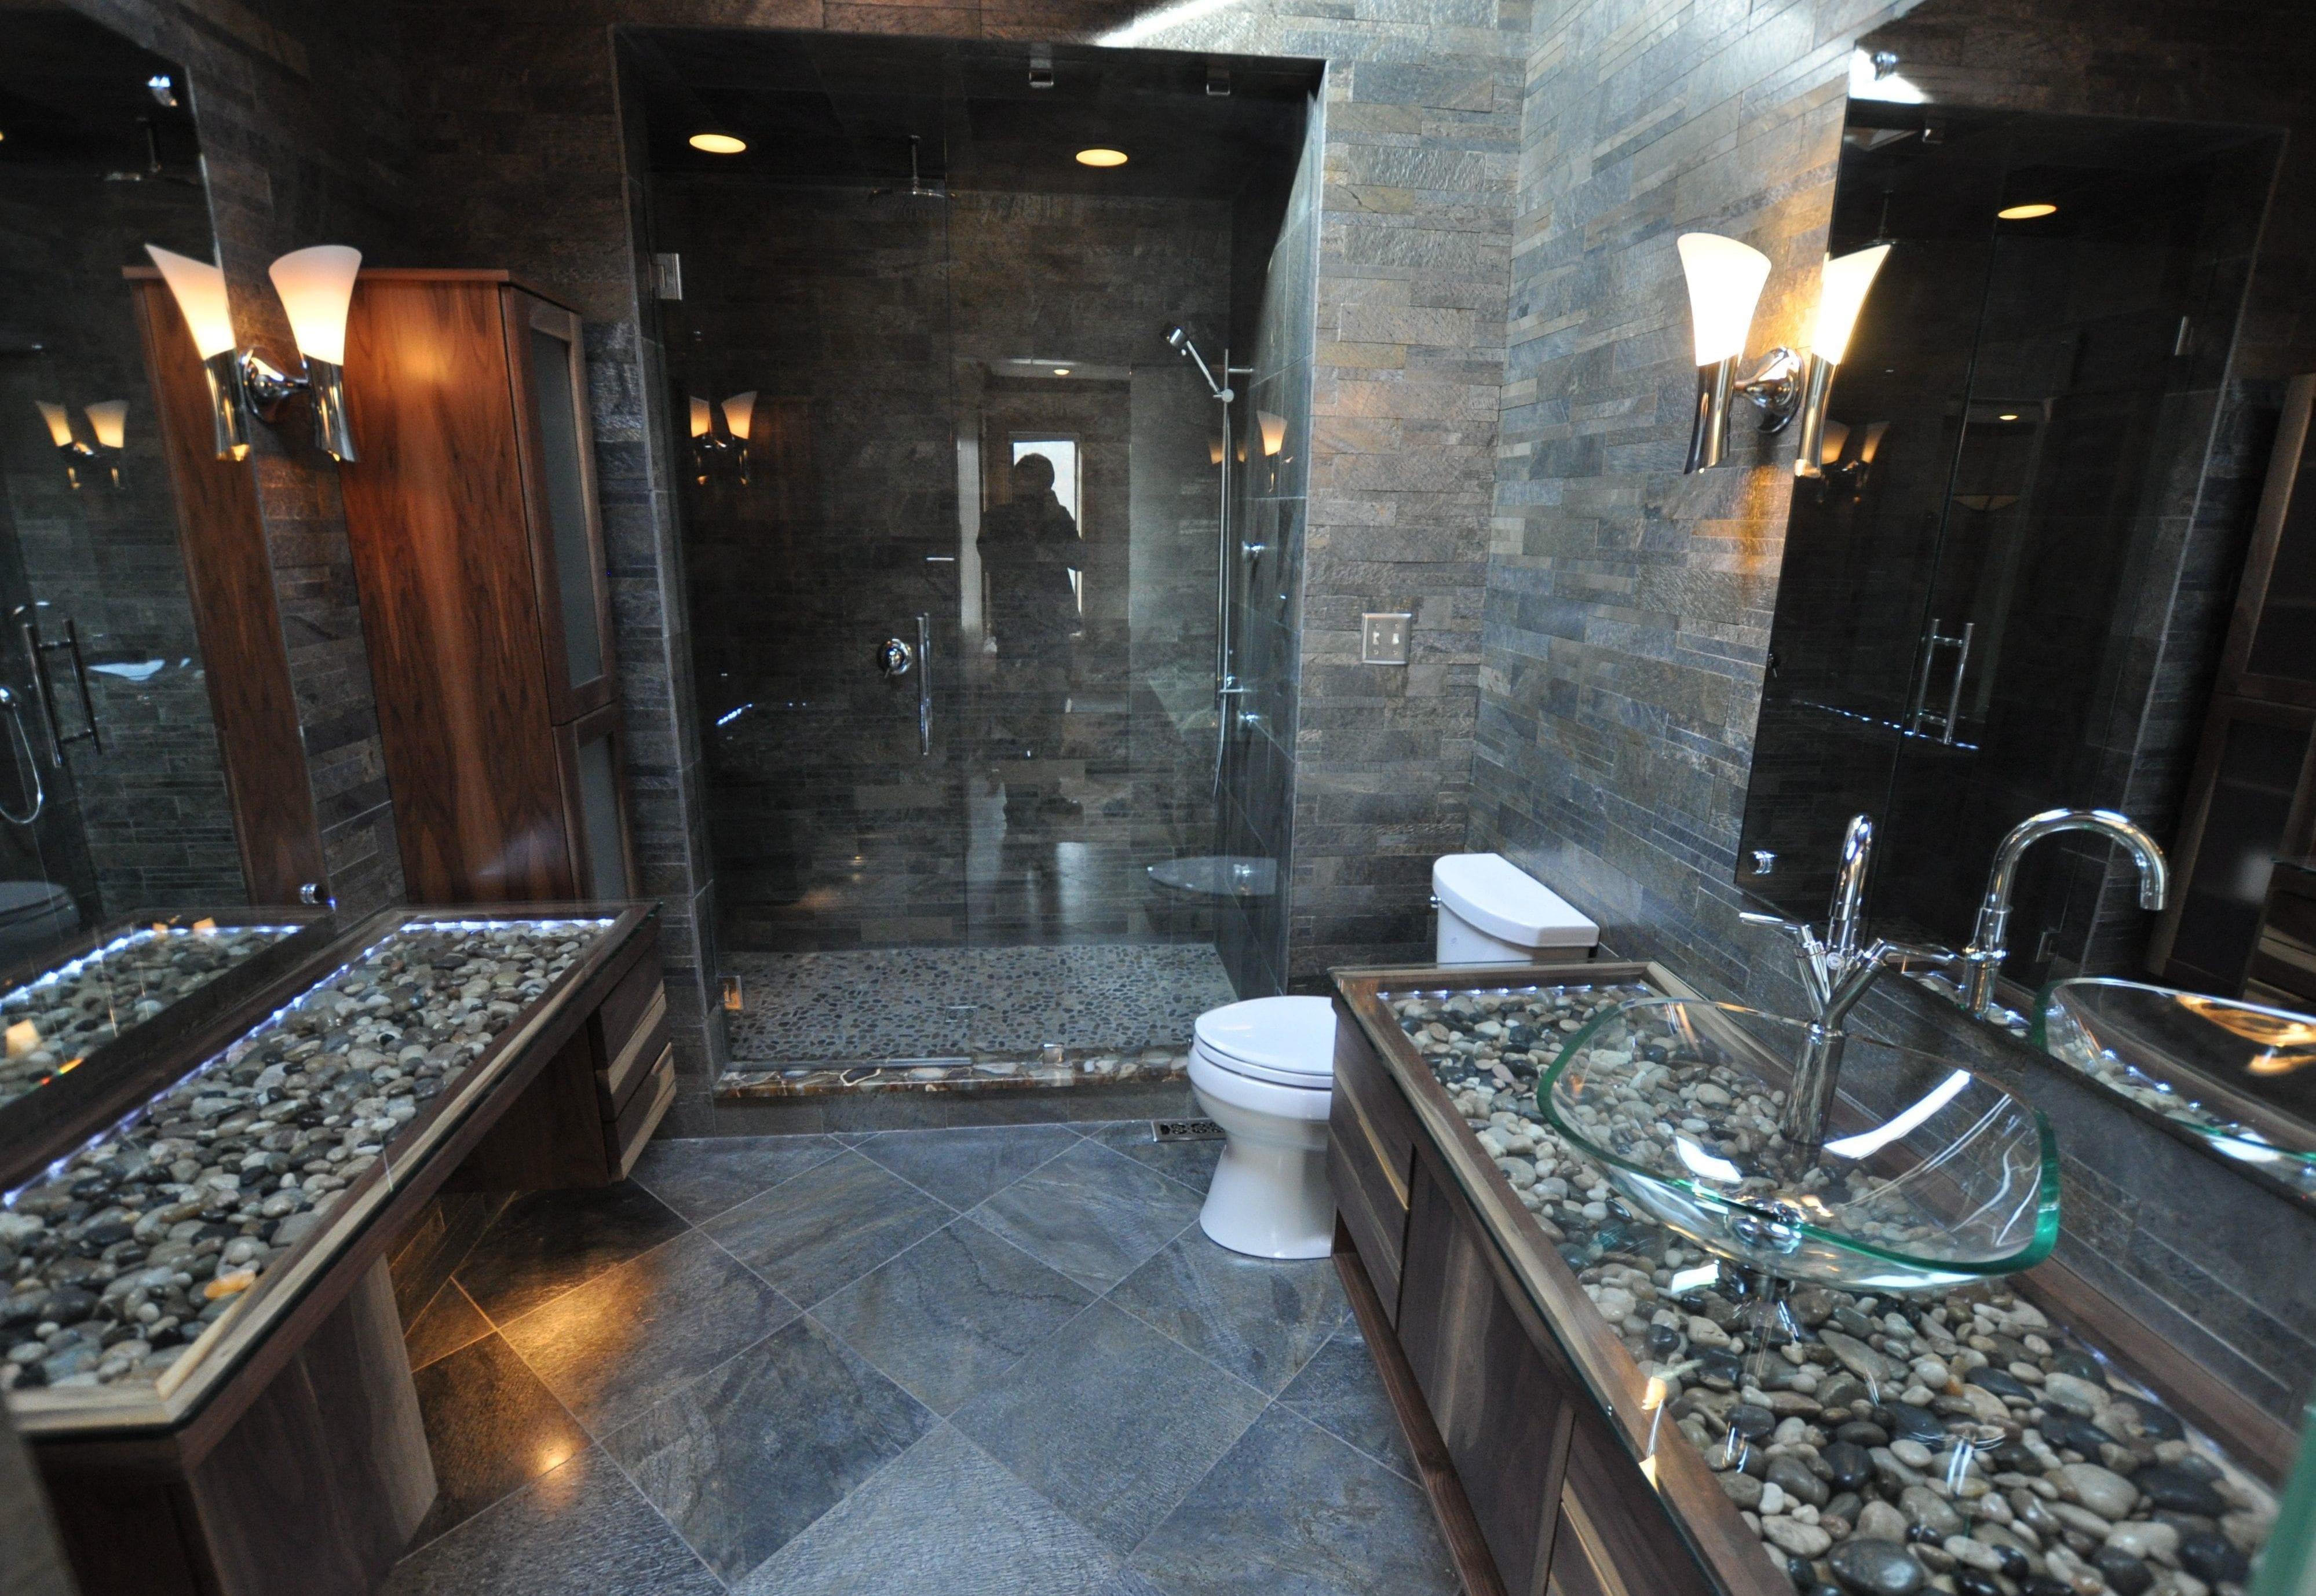 modernes badezimmer grau mit wandverkleidung aus naturstein und waschtisch aus holz mit steinen und waschbecken aus glas